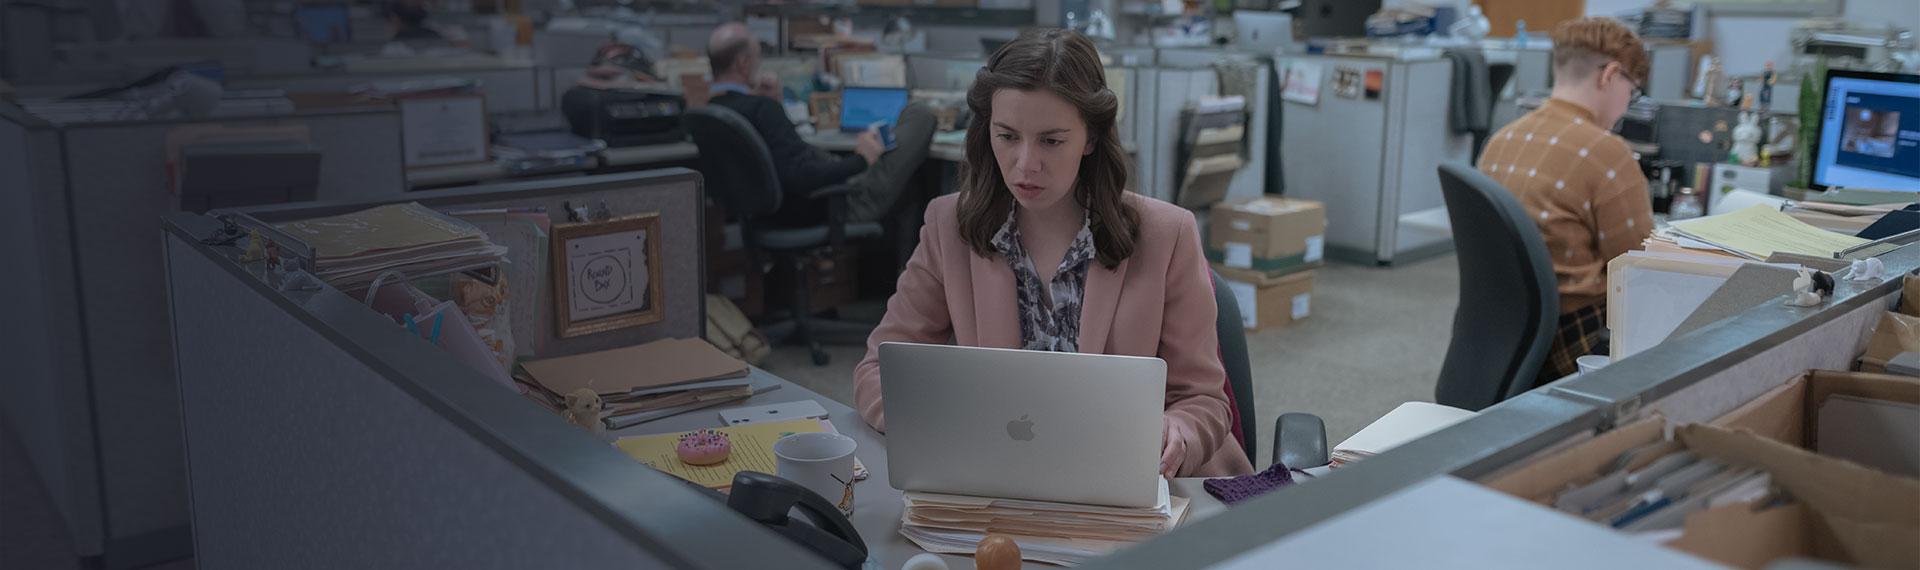 Femme qui travaille sur un MacBook dans un openspace pour illustrer les solutions informatiques Apple en entreprise selon ALis Business